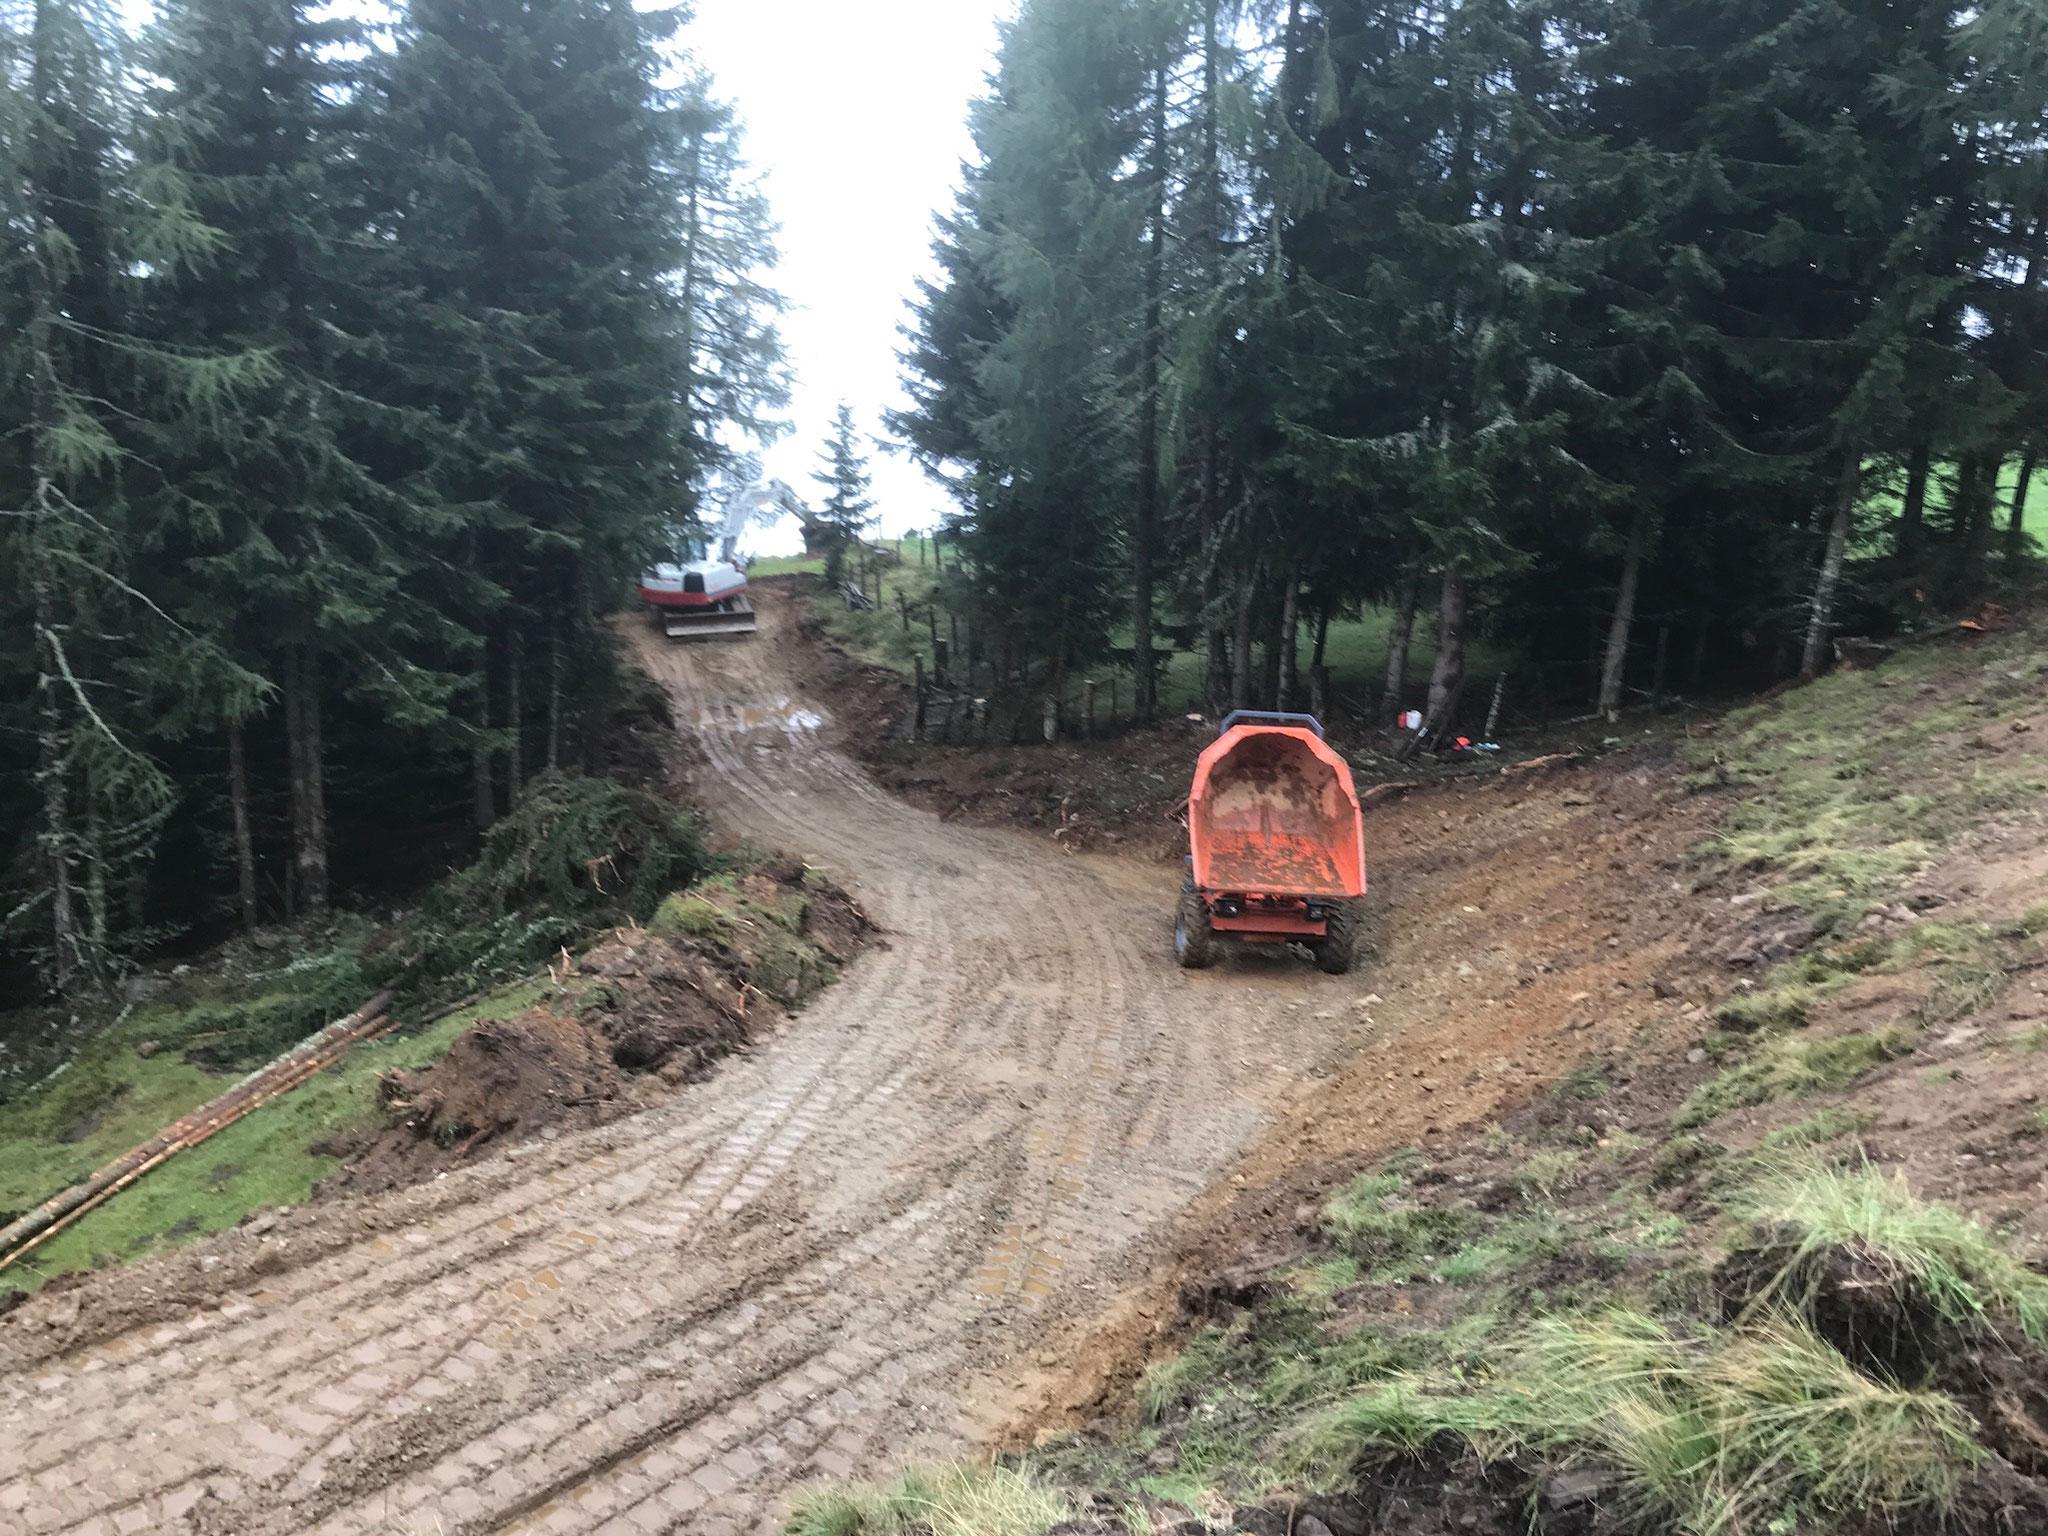 Forstwegebau 10% Steigung 4 Meter Wegbreite mit 15to Bagger im Mölltal